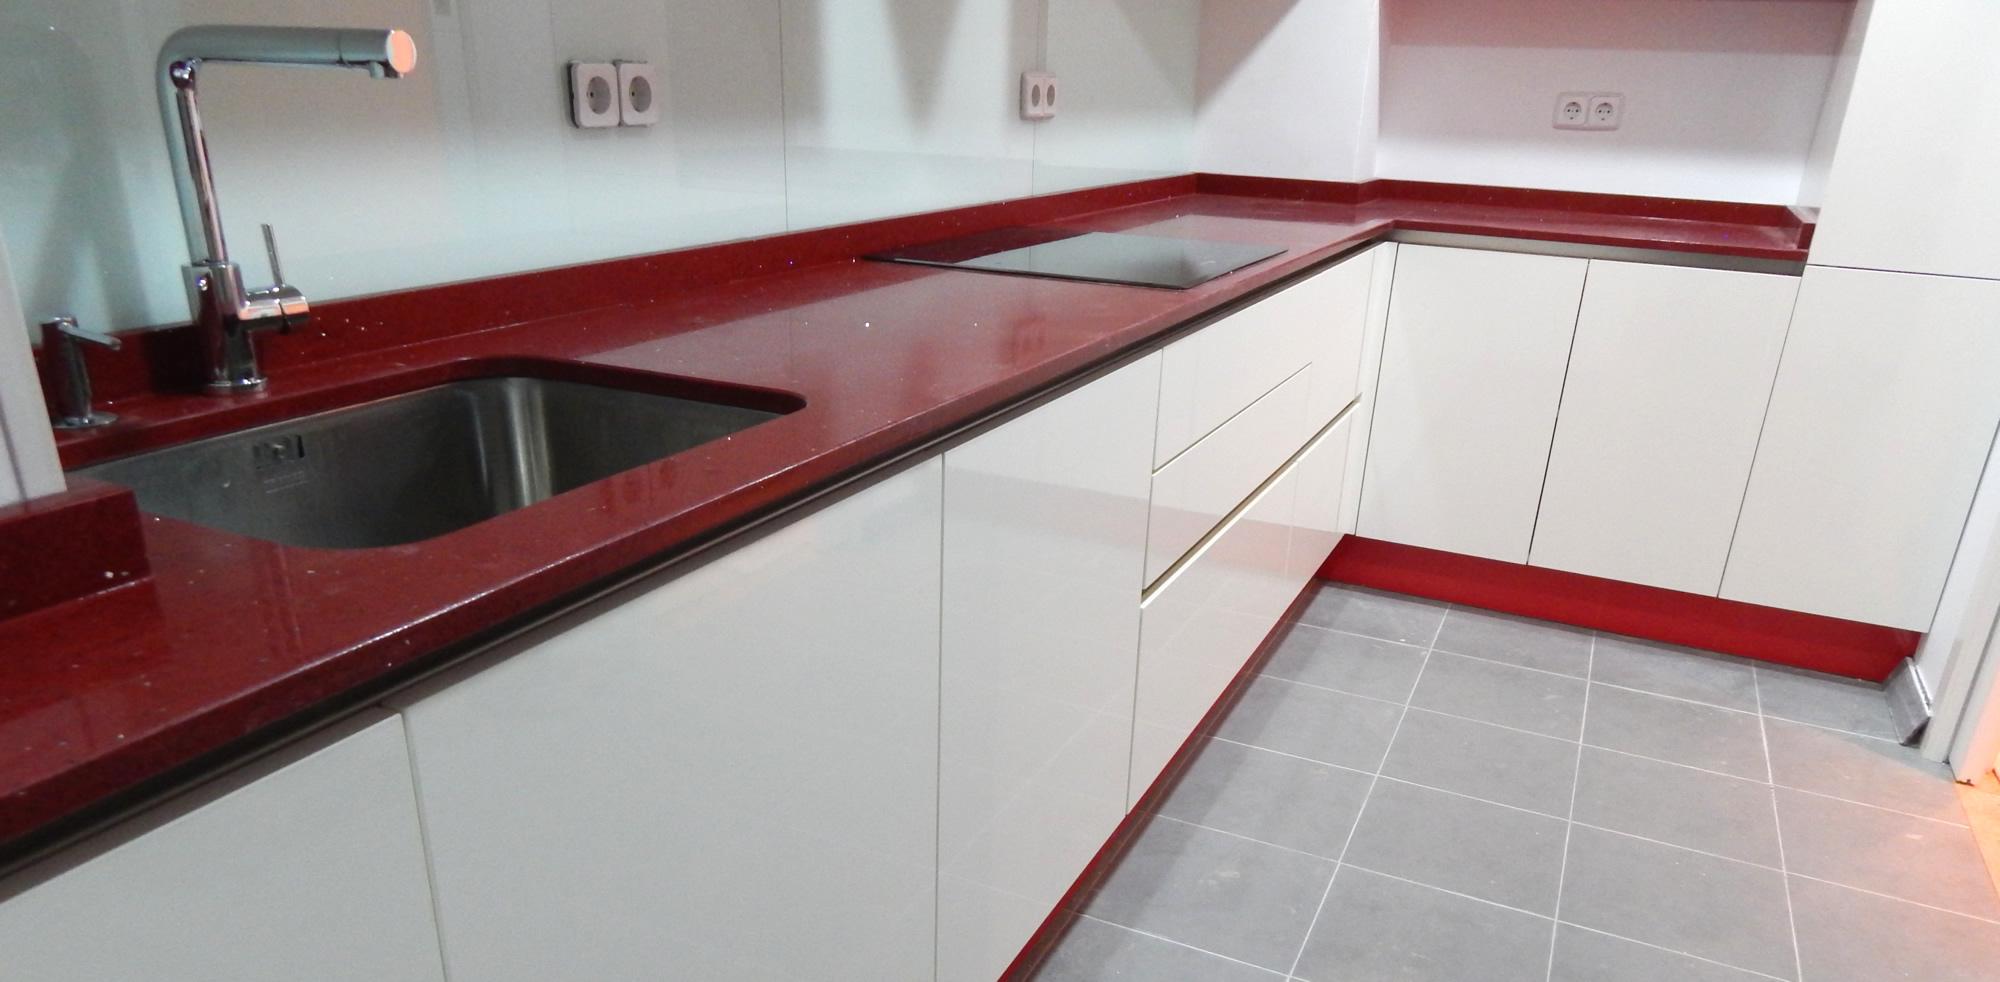 Muebles de cocina de dise o y calidad for Diseno muebles cocina